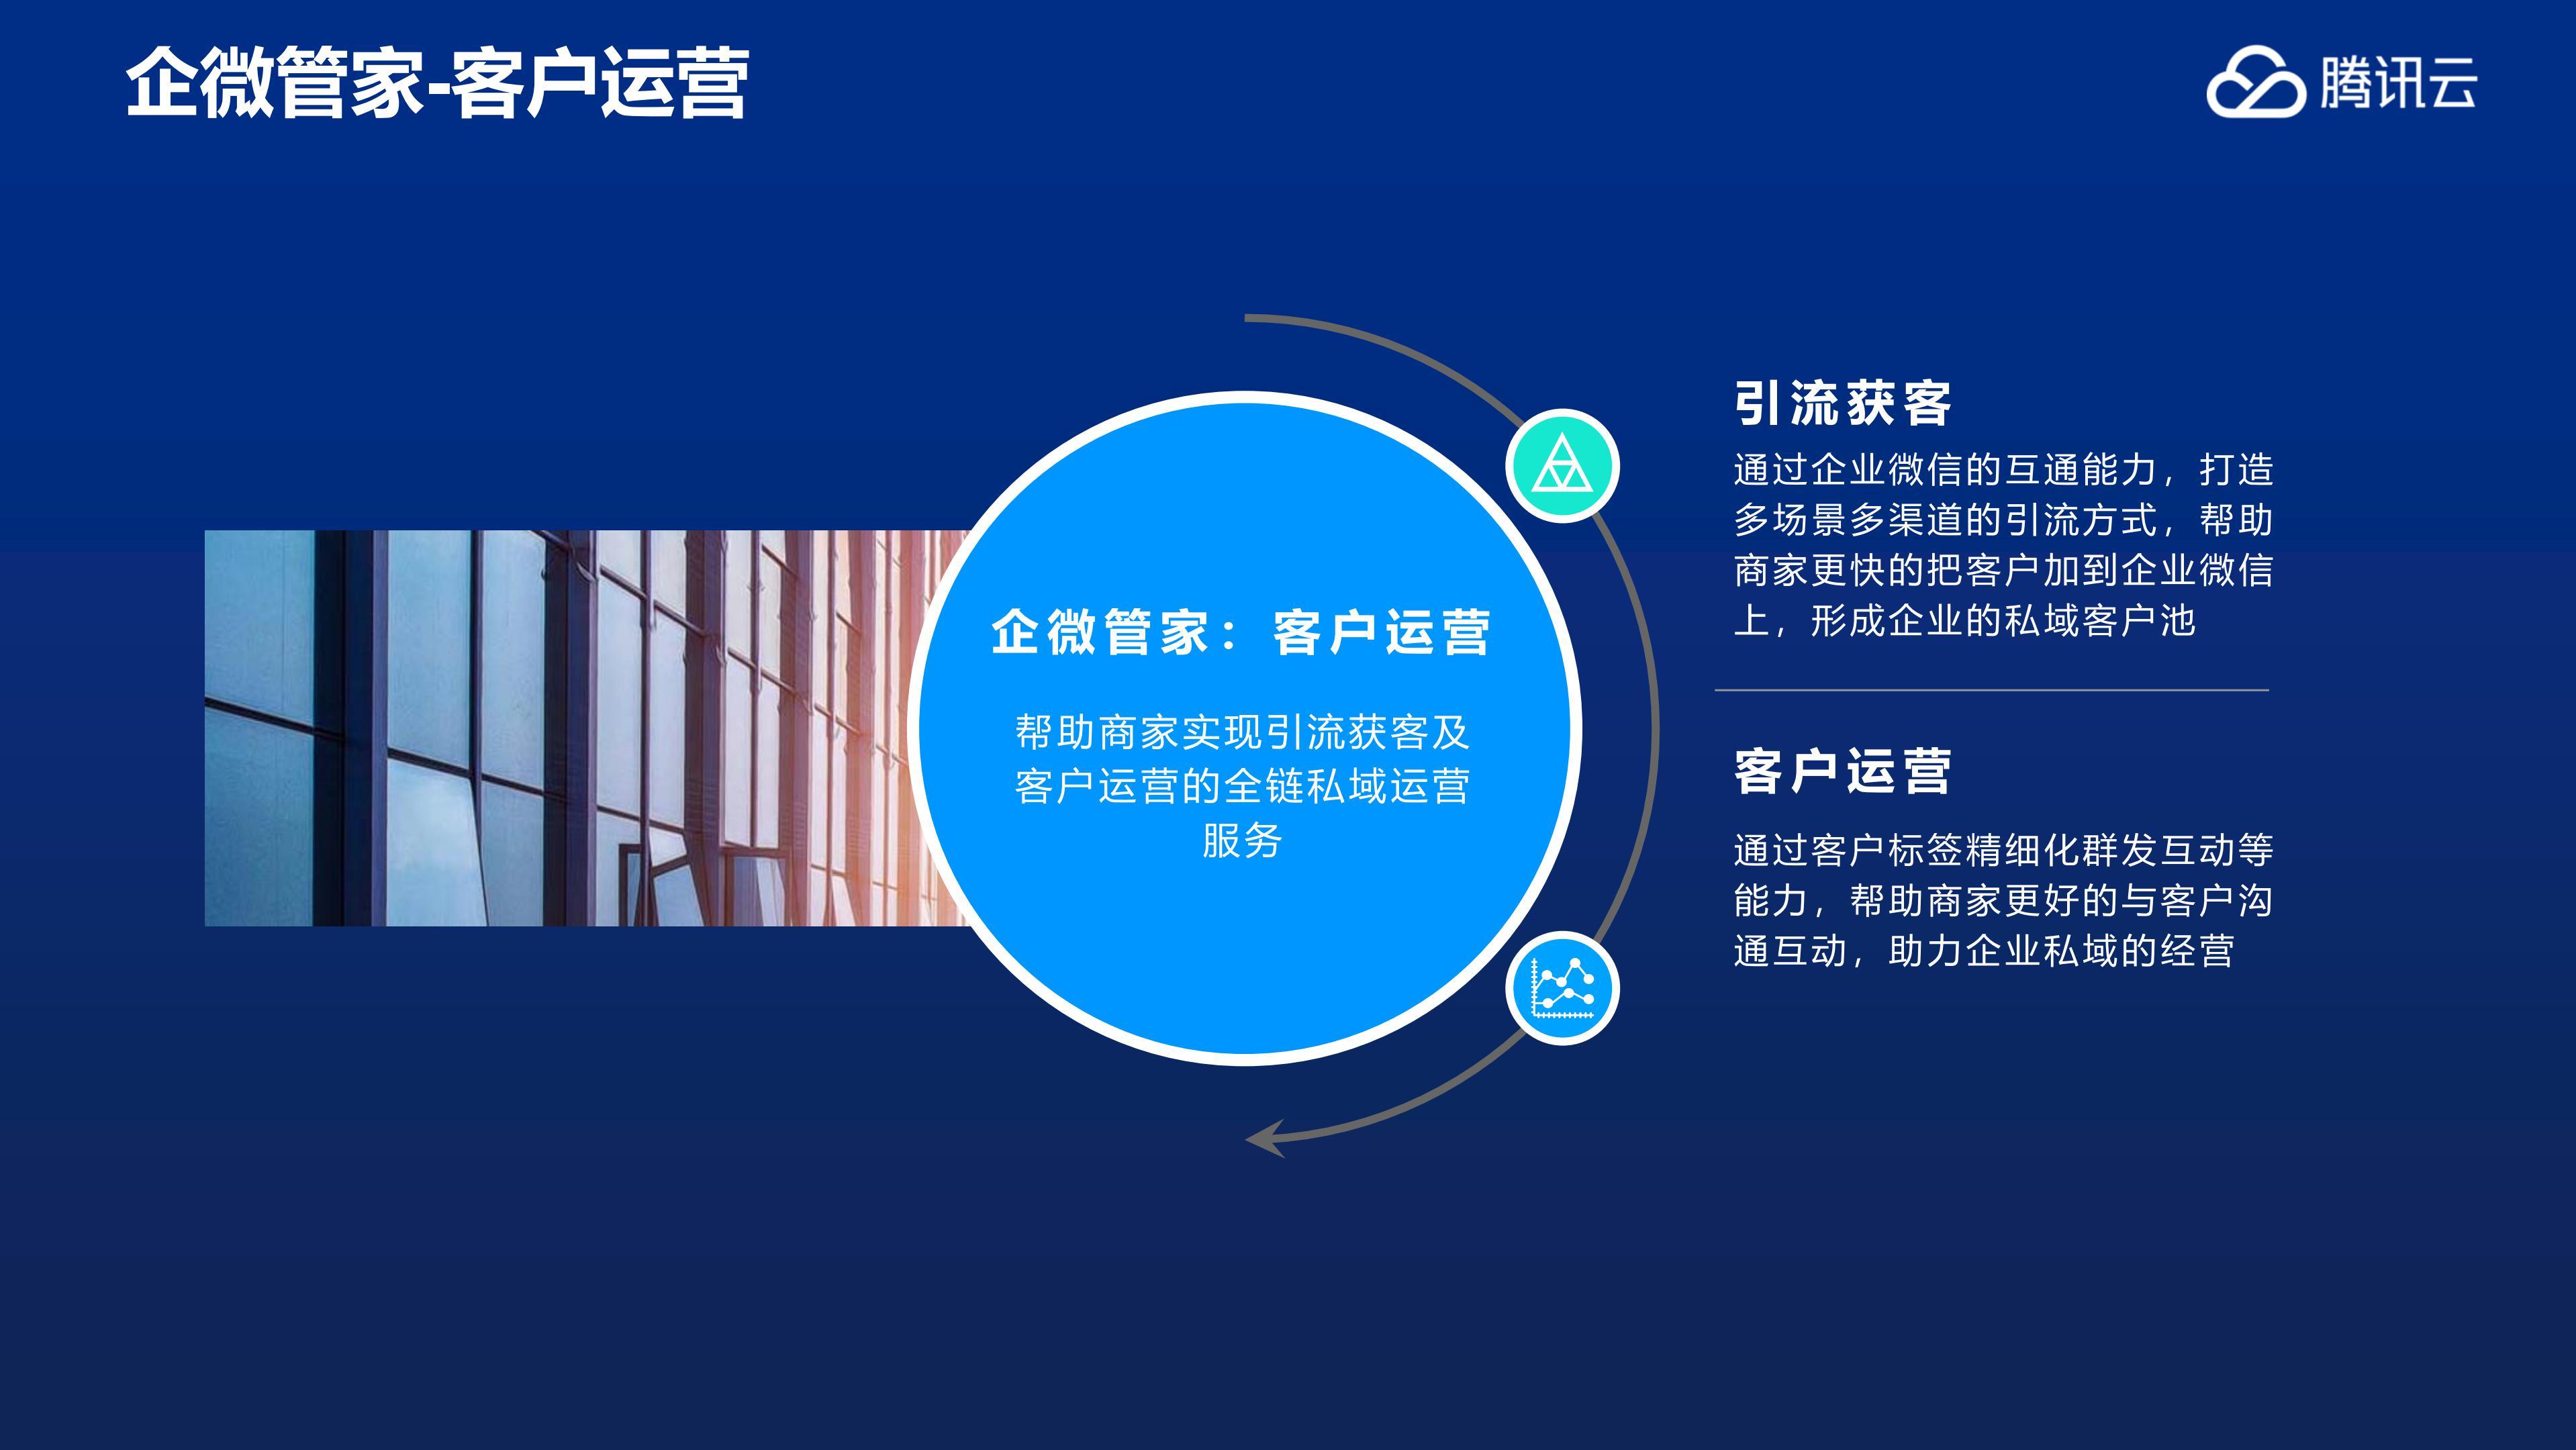 腾讯云企微管家产品介绍_05.jpg